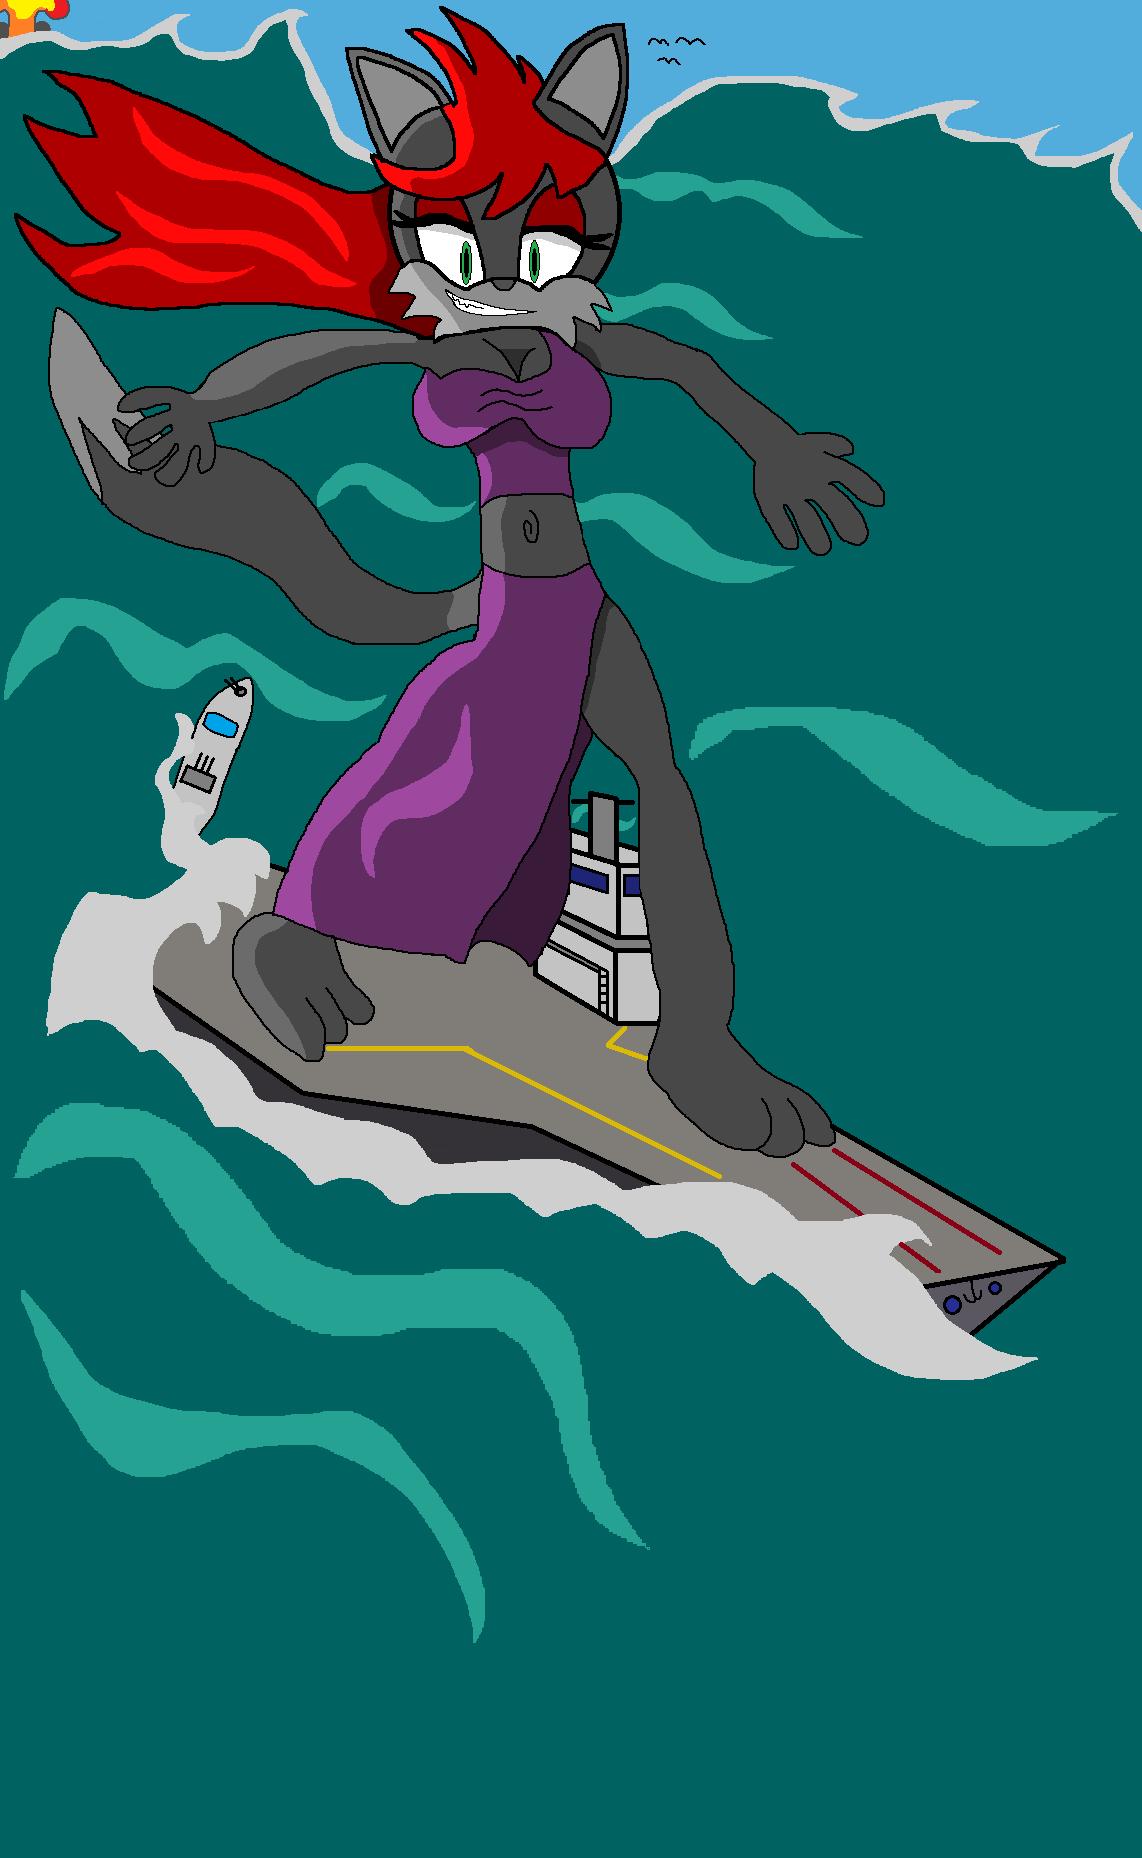 Scylla Super-sized Surfin by Jaredthefox92